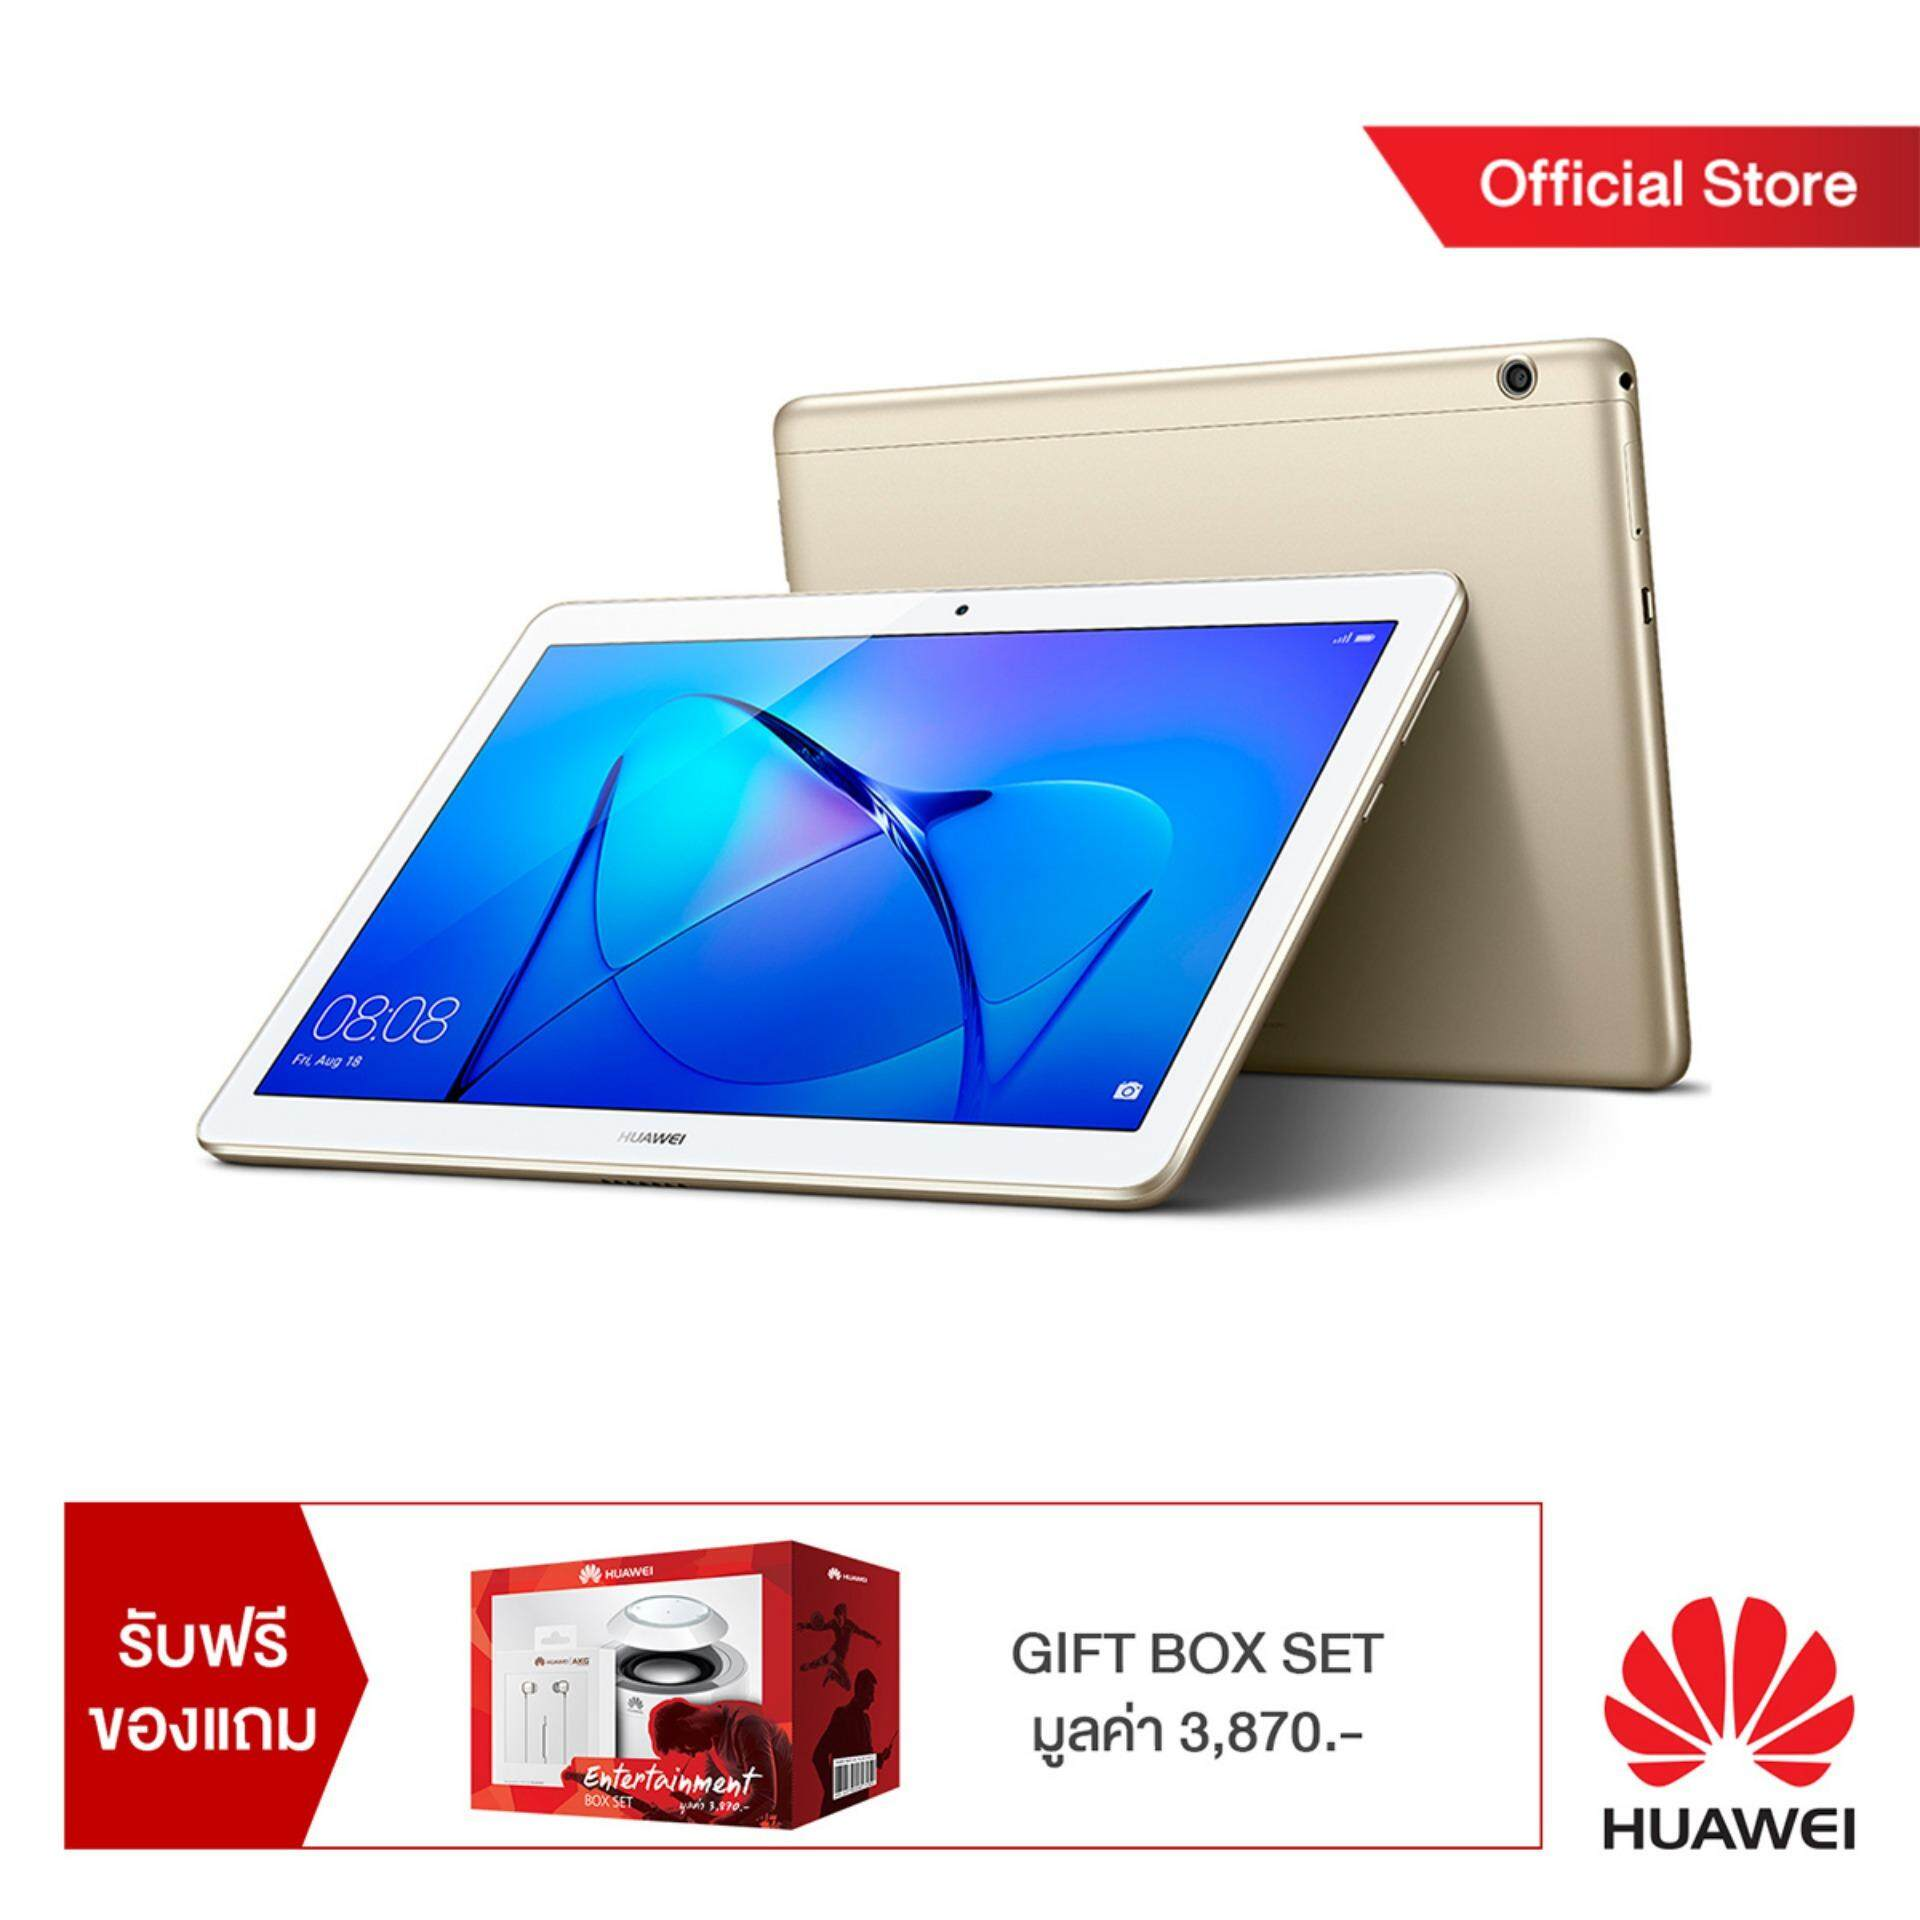 ราคา Huawei Mediapad T3 10 4G 16Gb Luxurious Gold พิเศษ รับฟรี Box Set มูลค่า 3 870 บาท Huawei เป็นต้นฉบับ